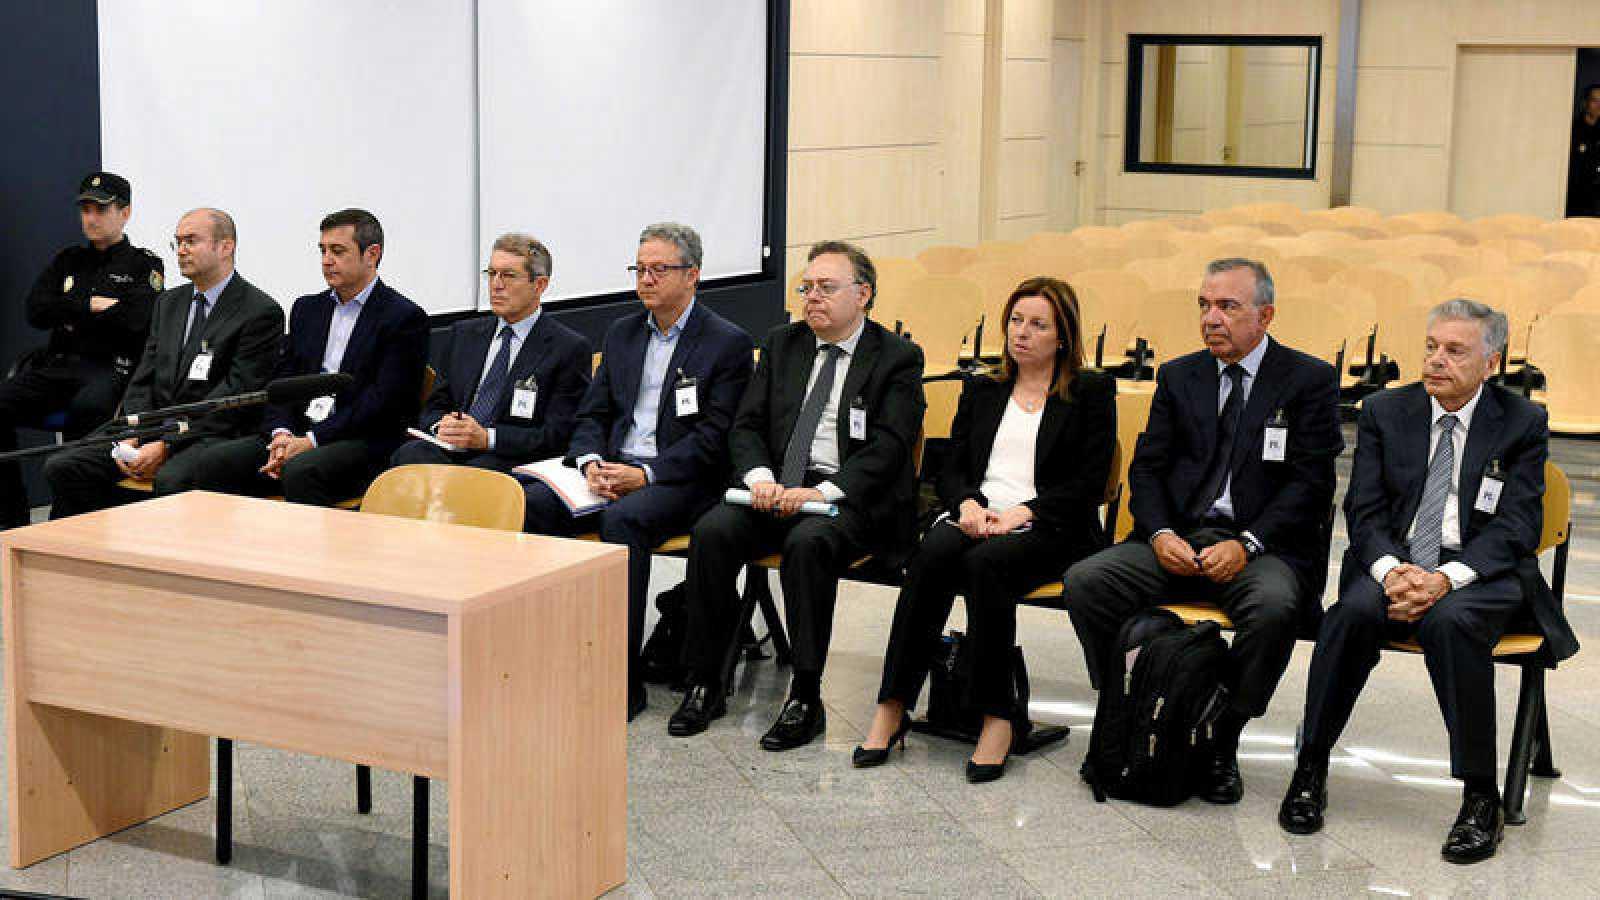 Los ocho exdirectivos de la Caja de Ahorros del Mediterráneo, sentados en el banquillo